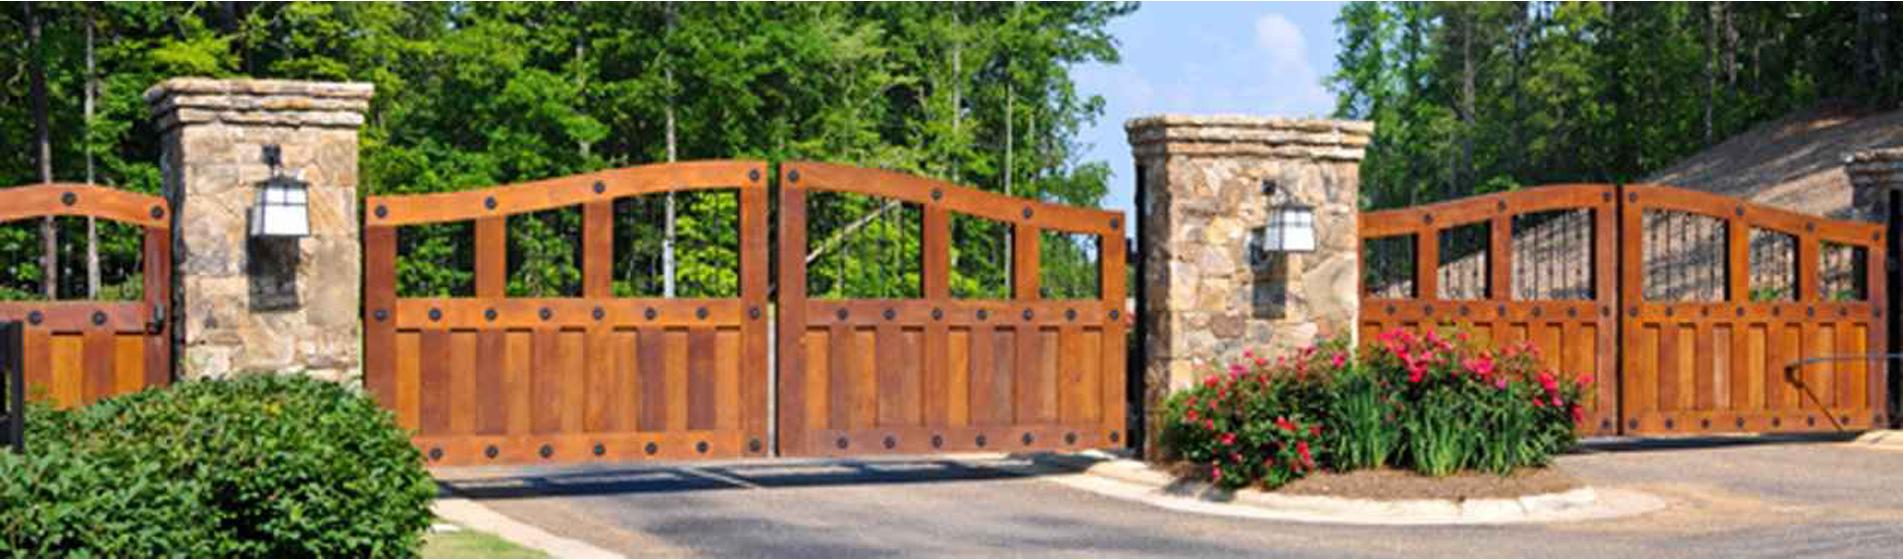 fabricant portail battant avec portillon 13 Bouches-du-Rhône